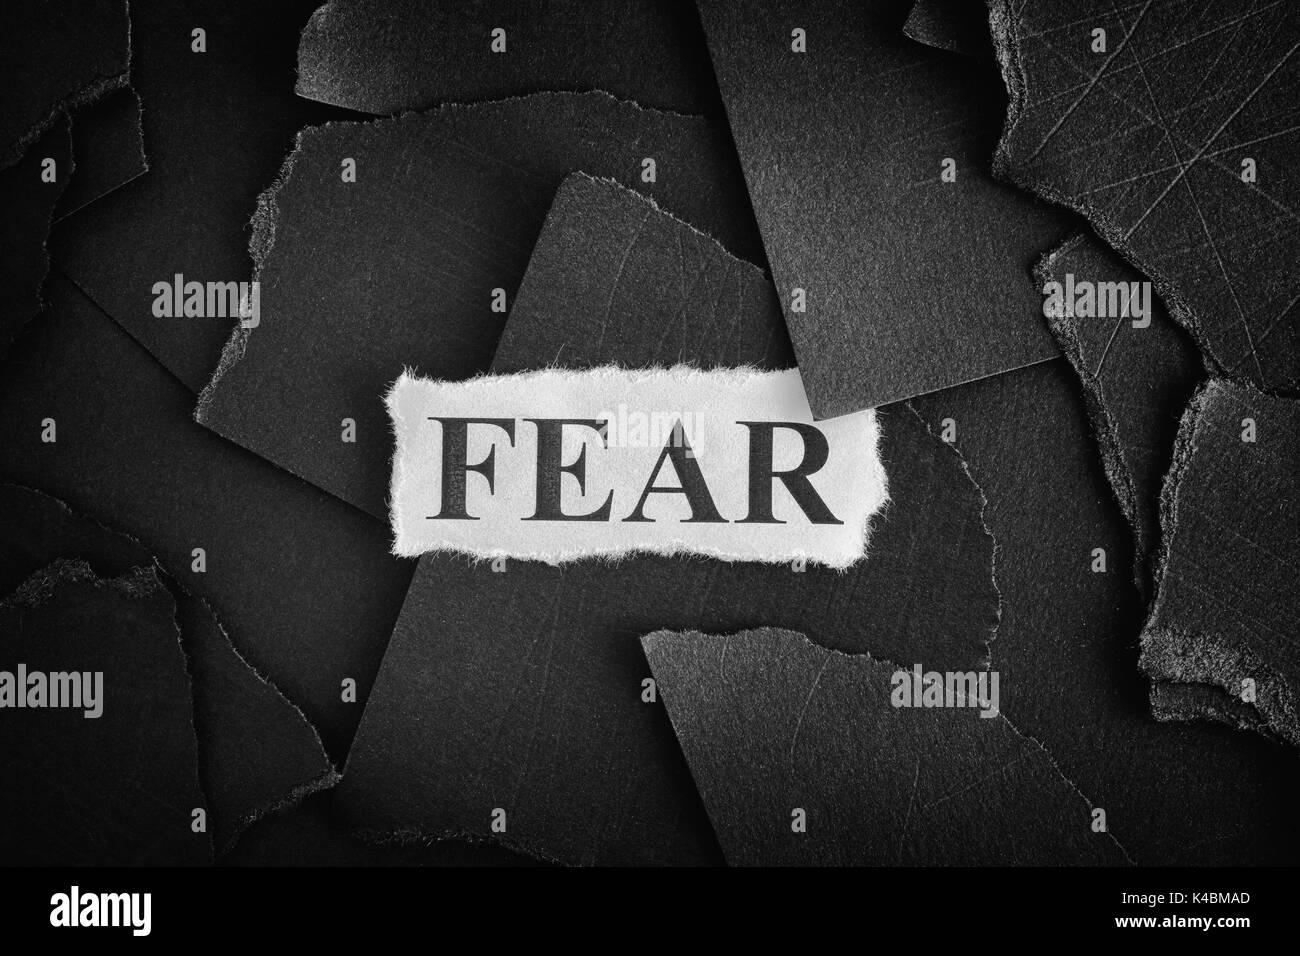 La peur. Morceaux de papier noir et mot de peur. Notion de droit. Noir et blanc. Libre. Photo Stock